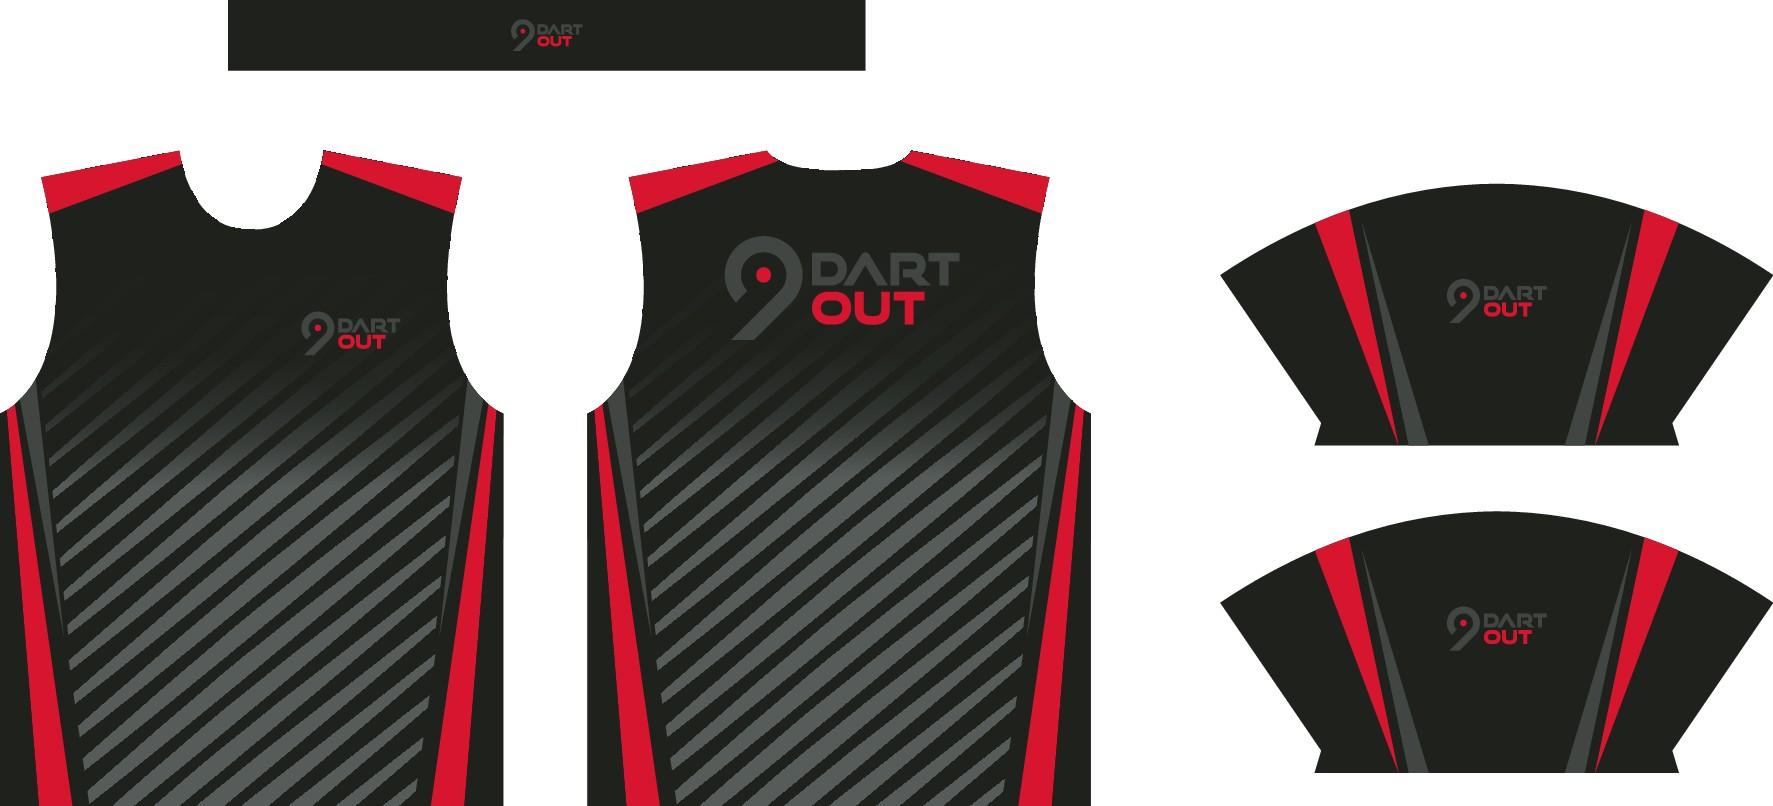 9DartOut Shirt